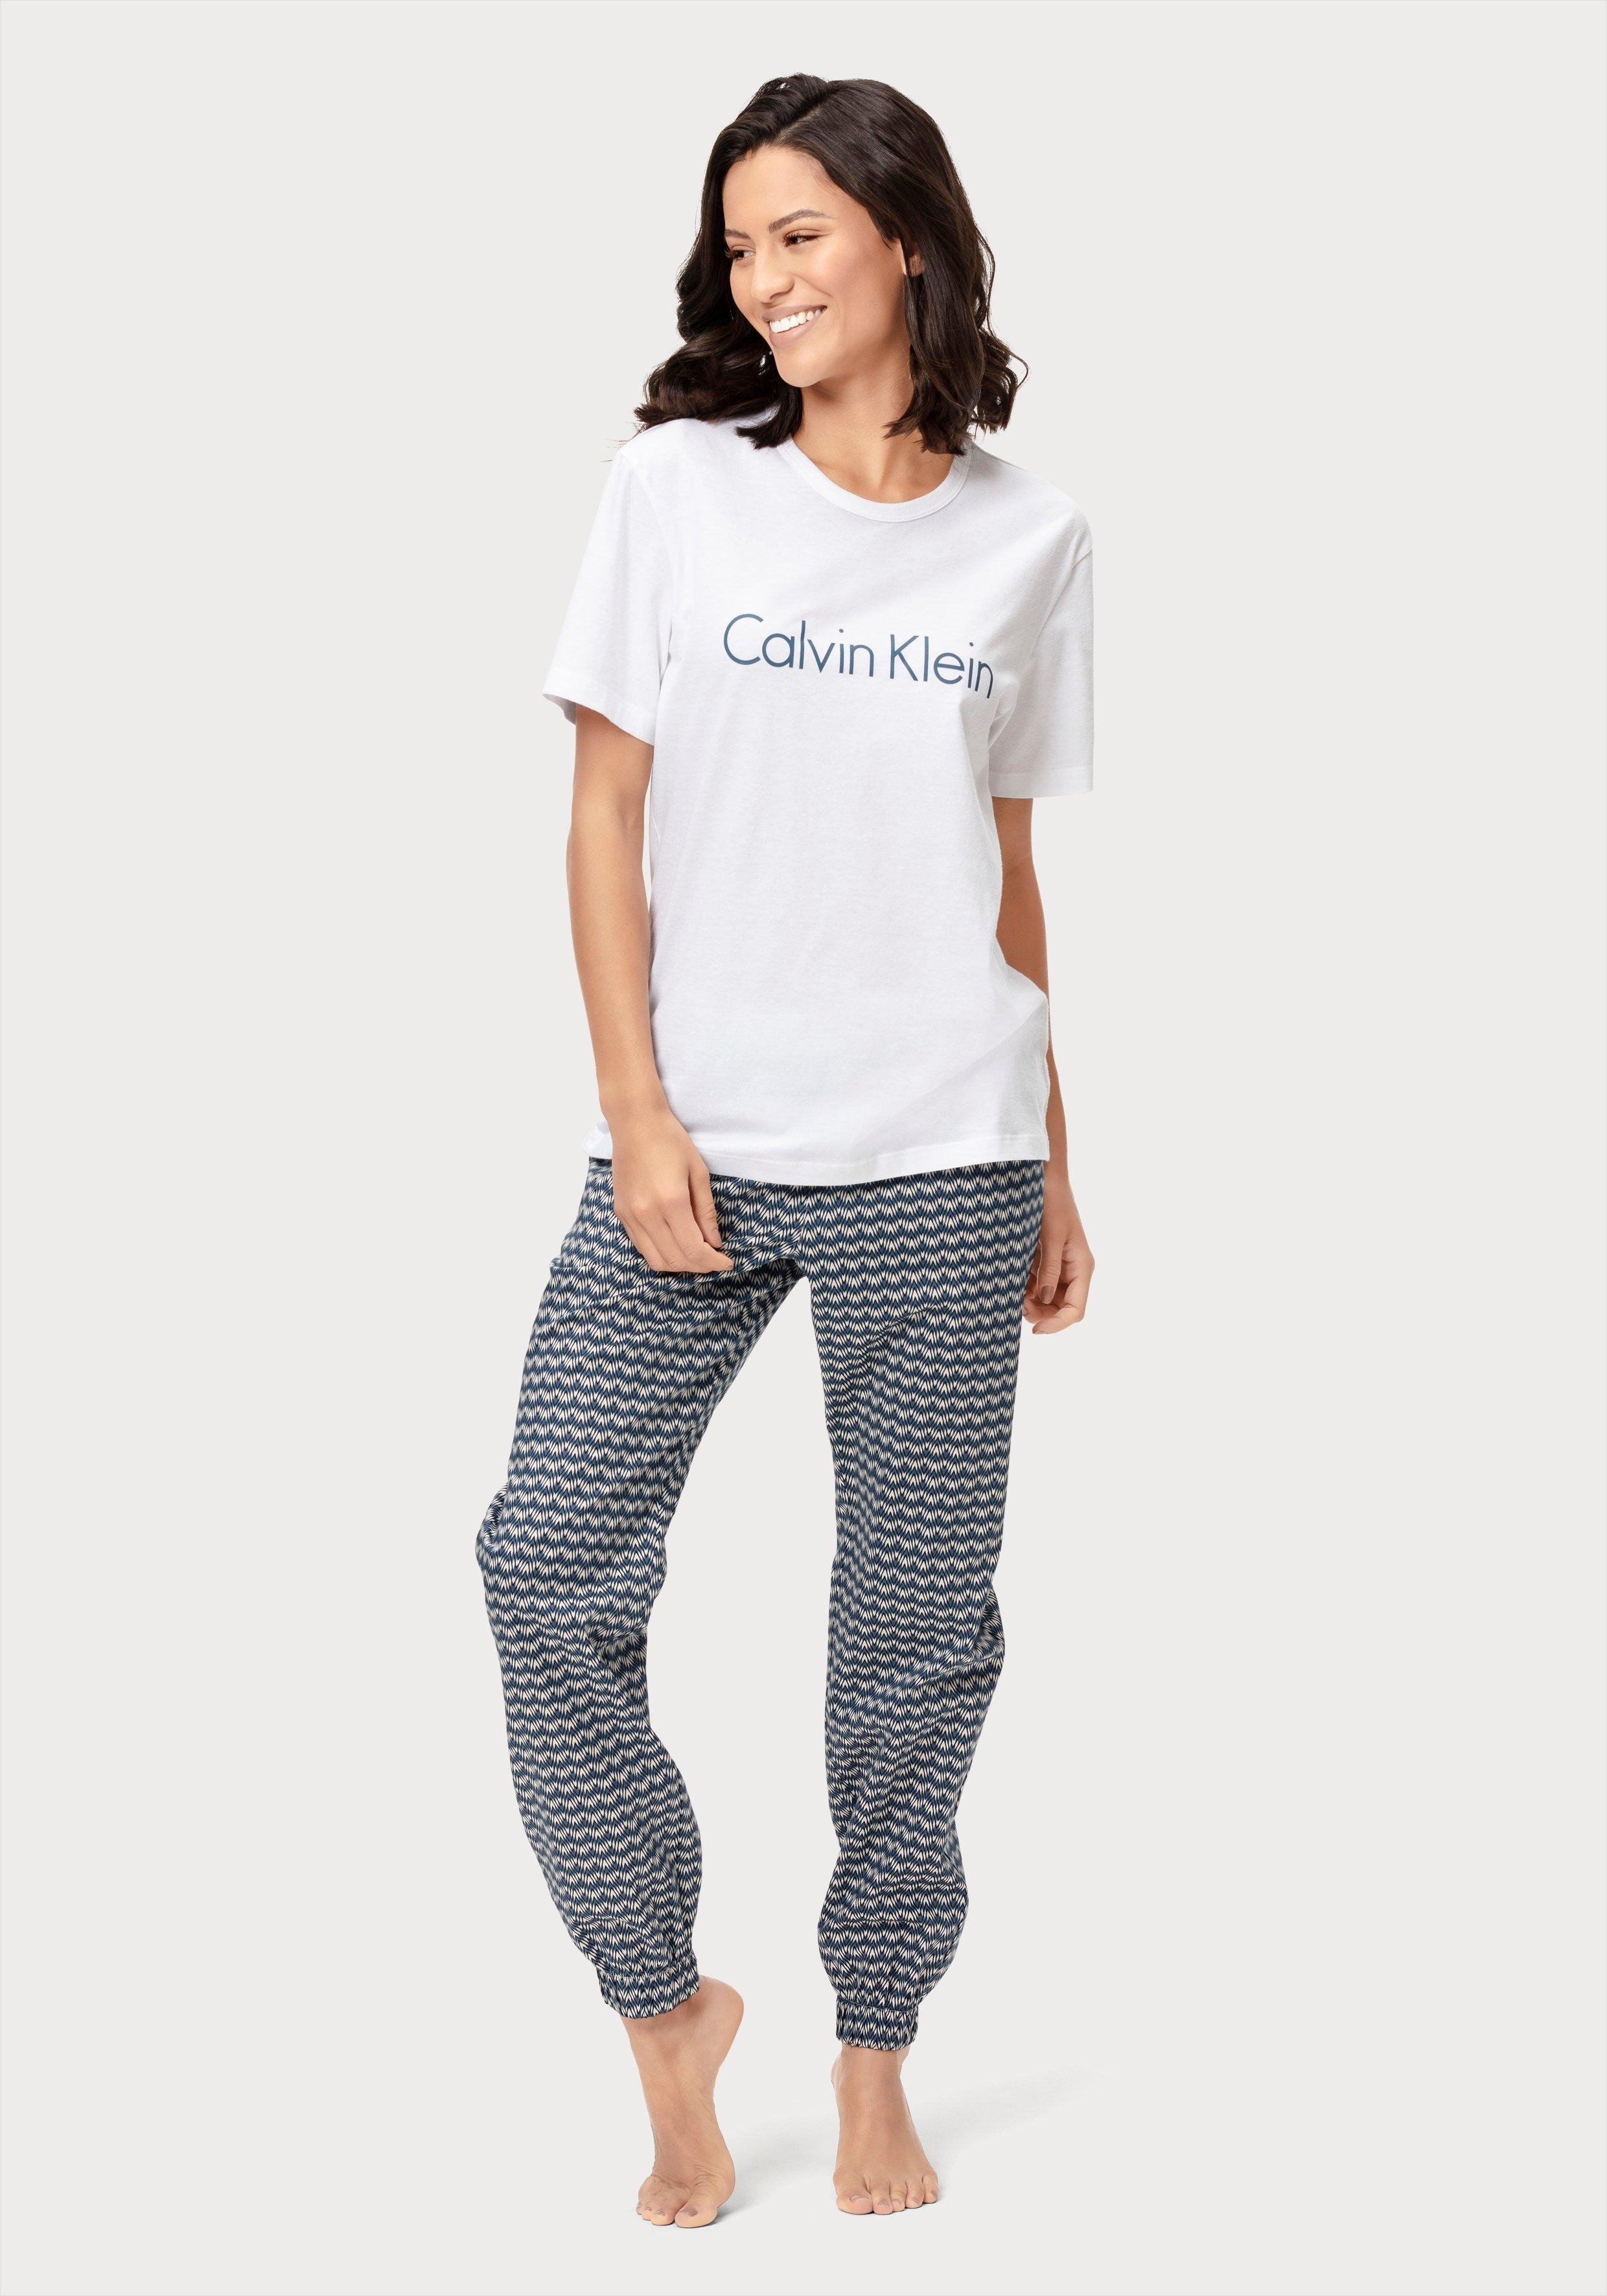 Calvin Klein relaxbroek met motief en steekzakken opzij nu online kopen bij Lascana